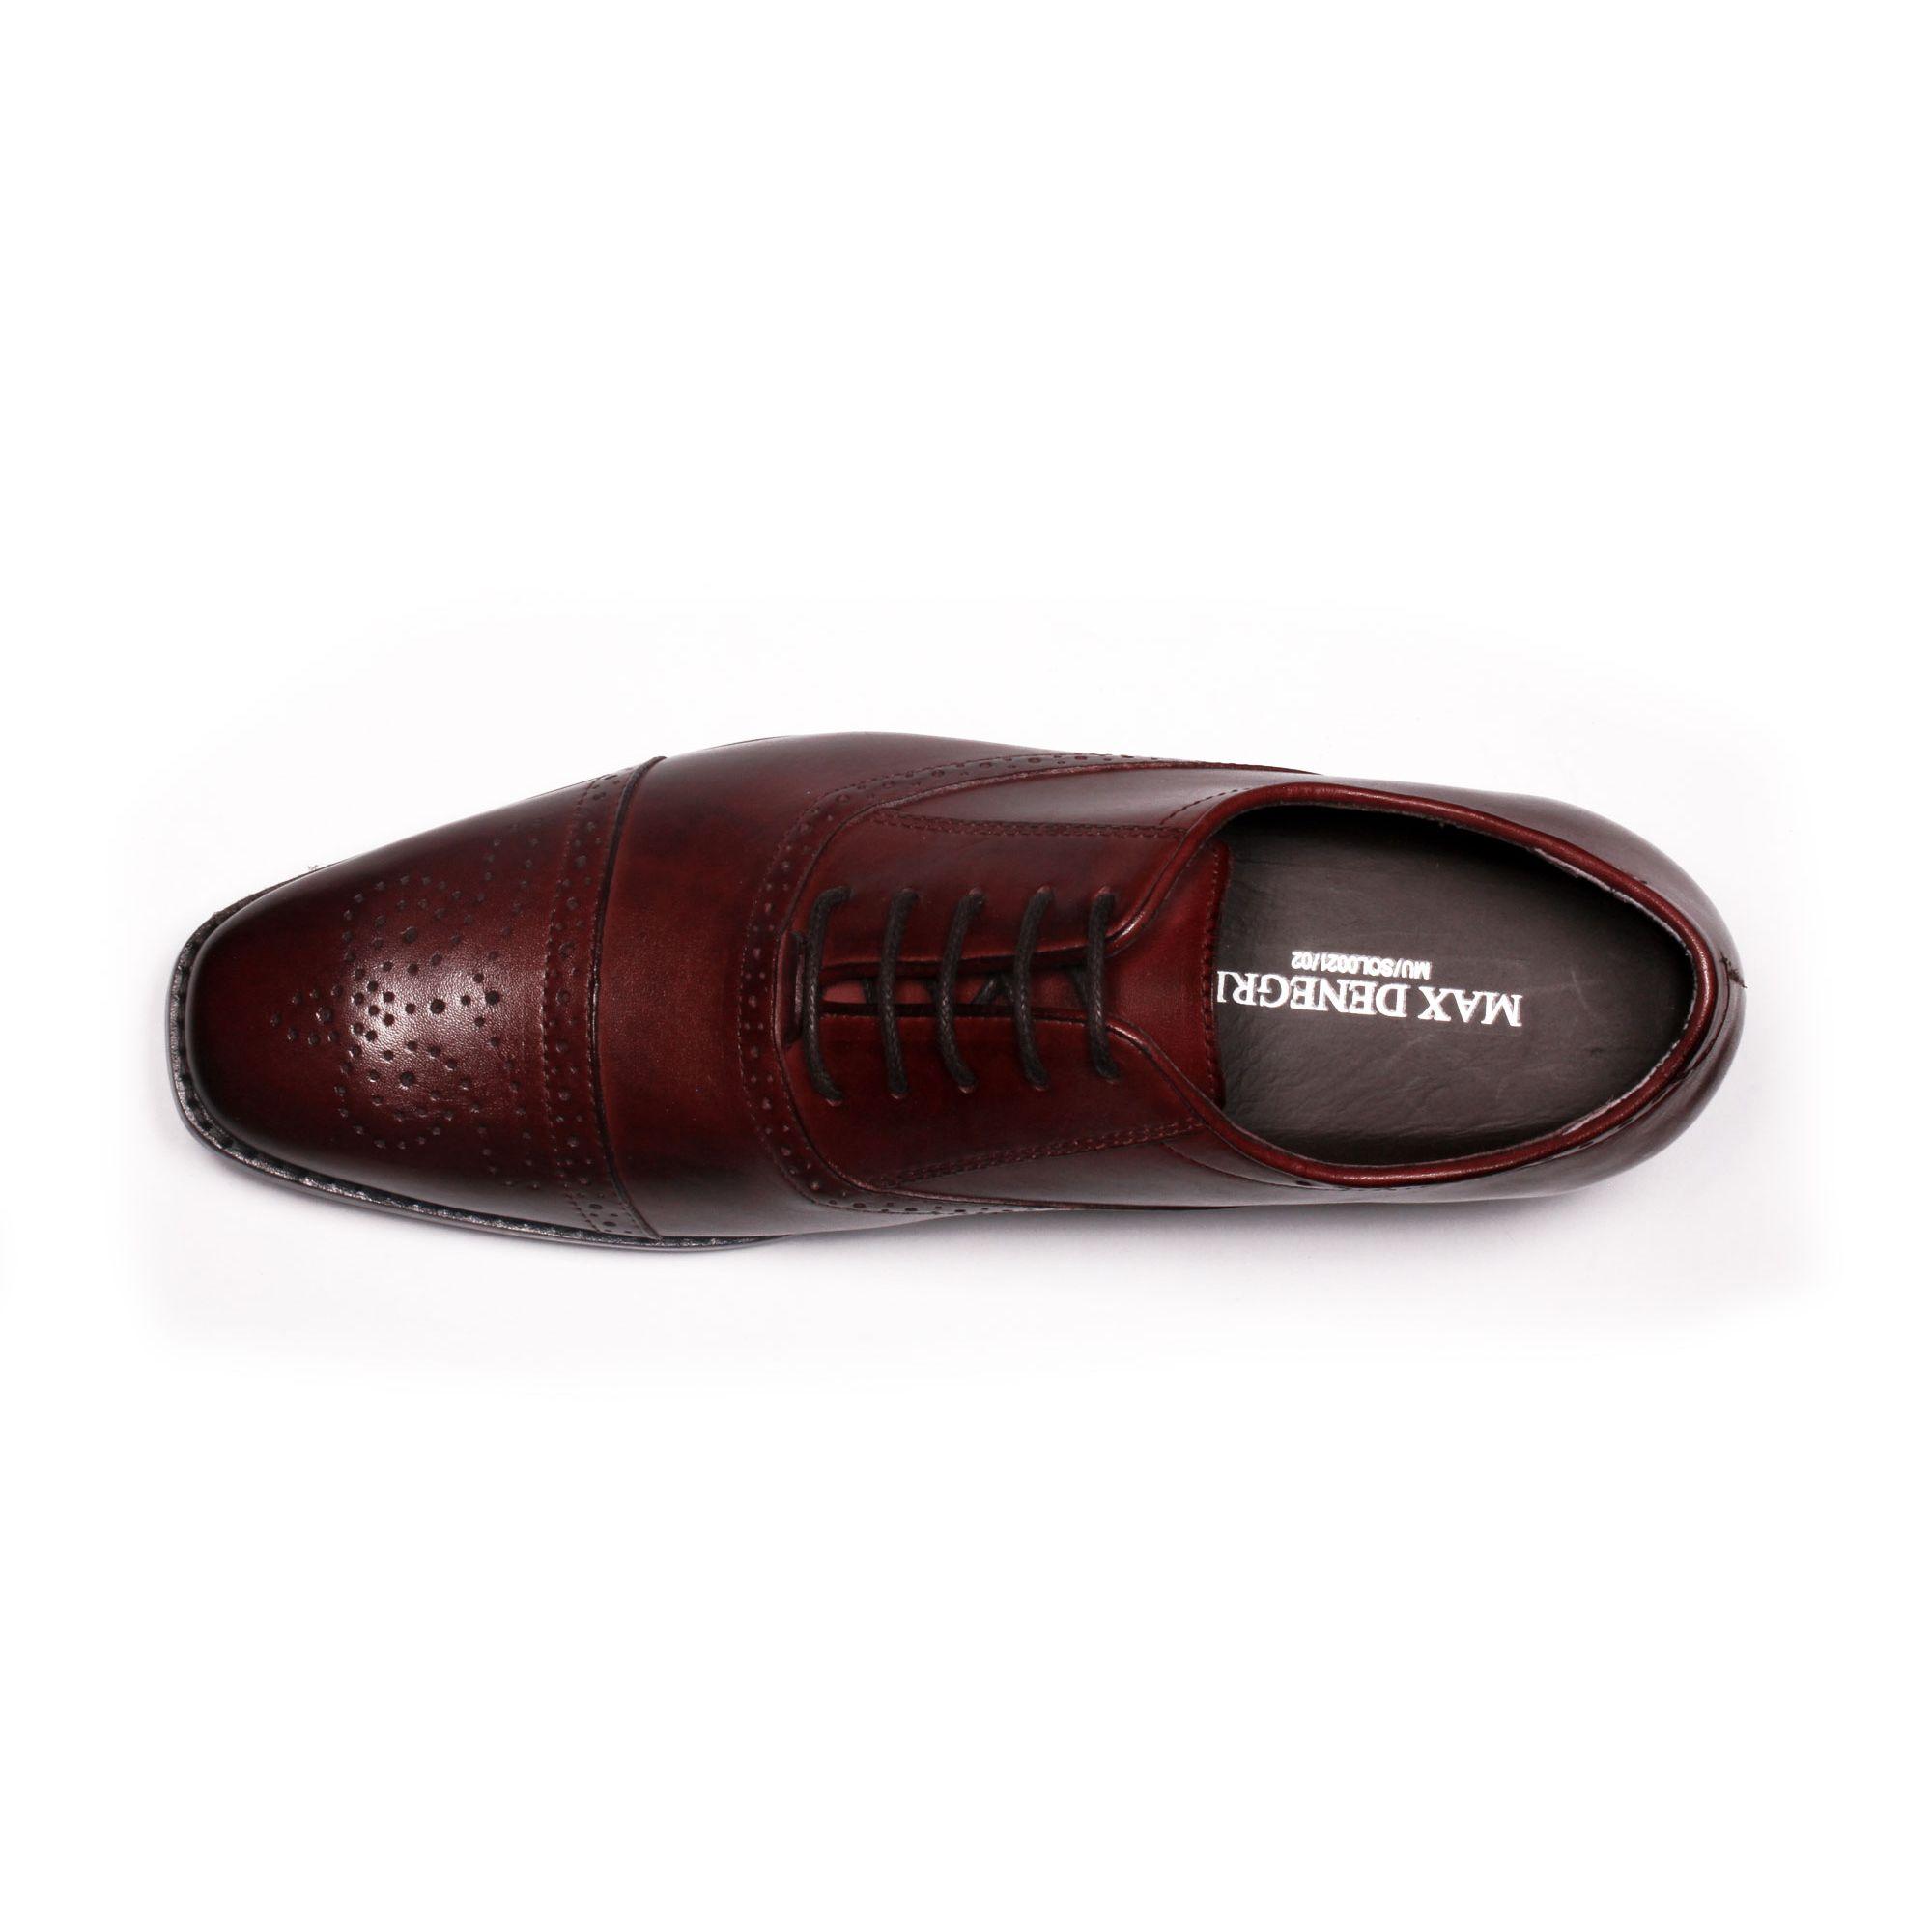 Zapato Formal British Vino Max Denegri +7cms de Altura_70790